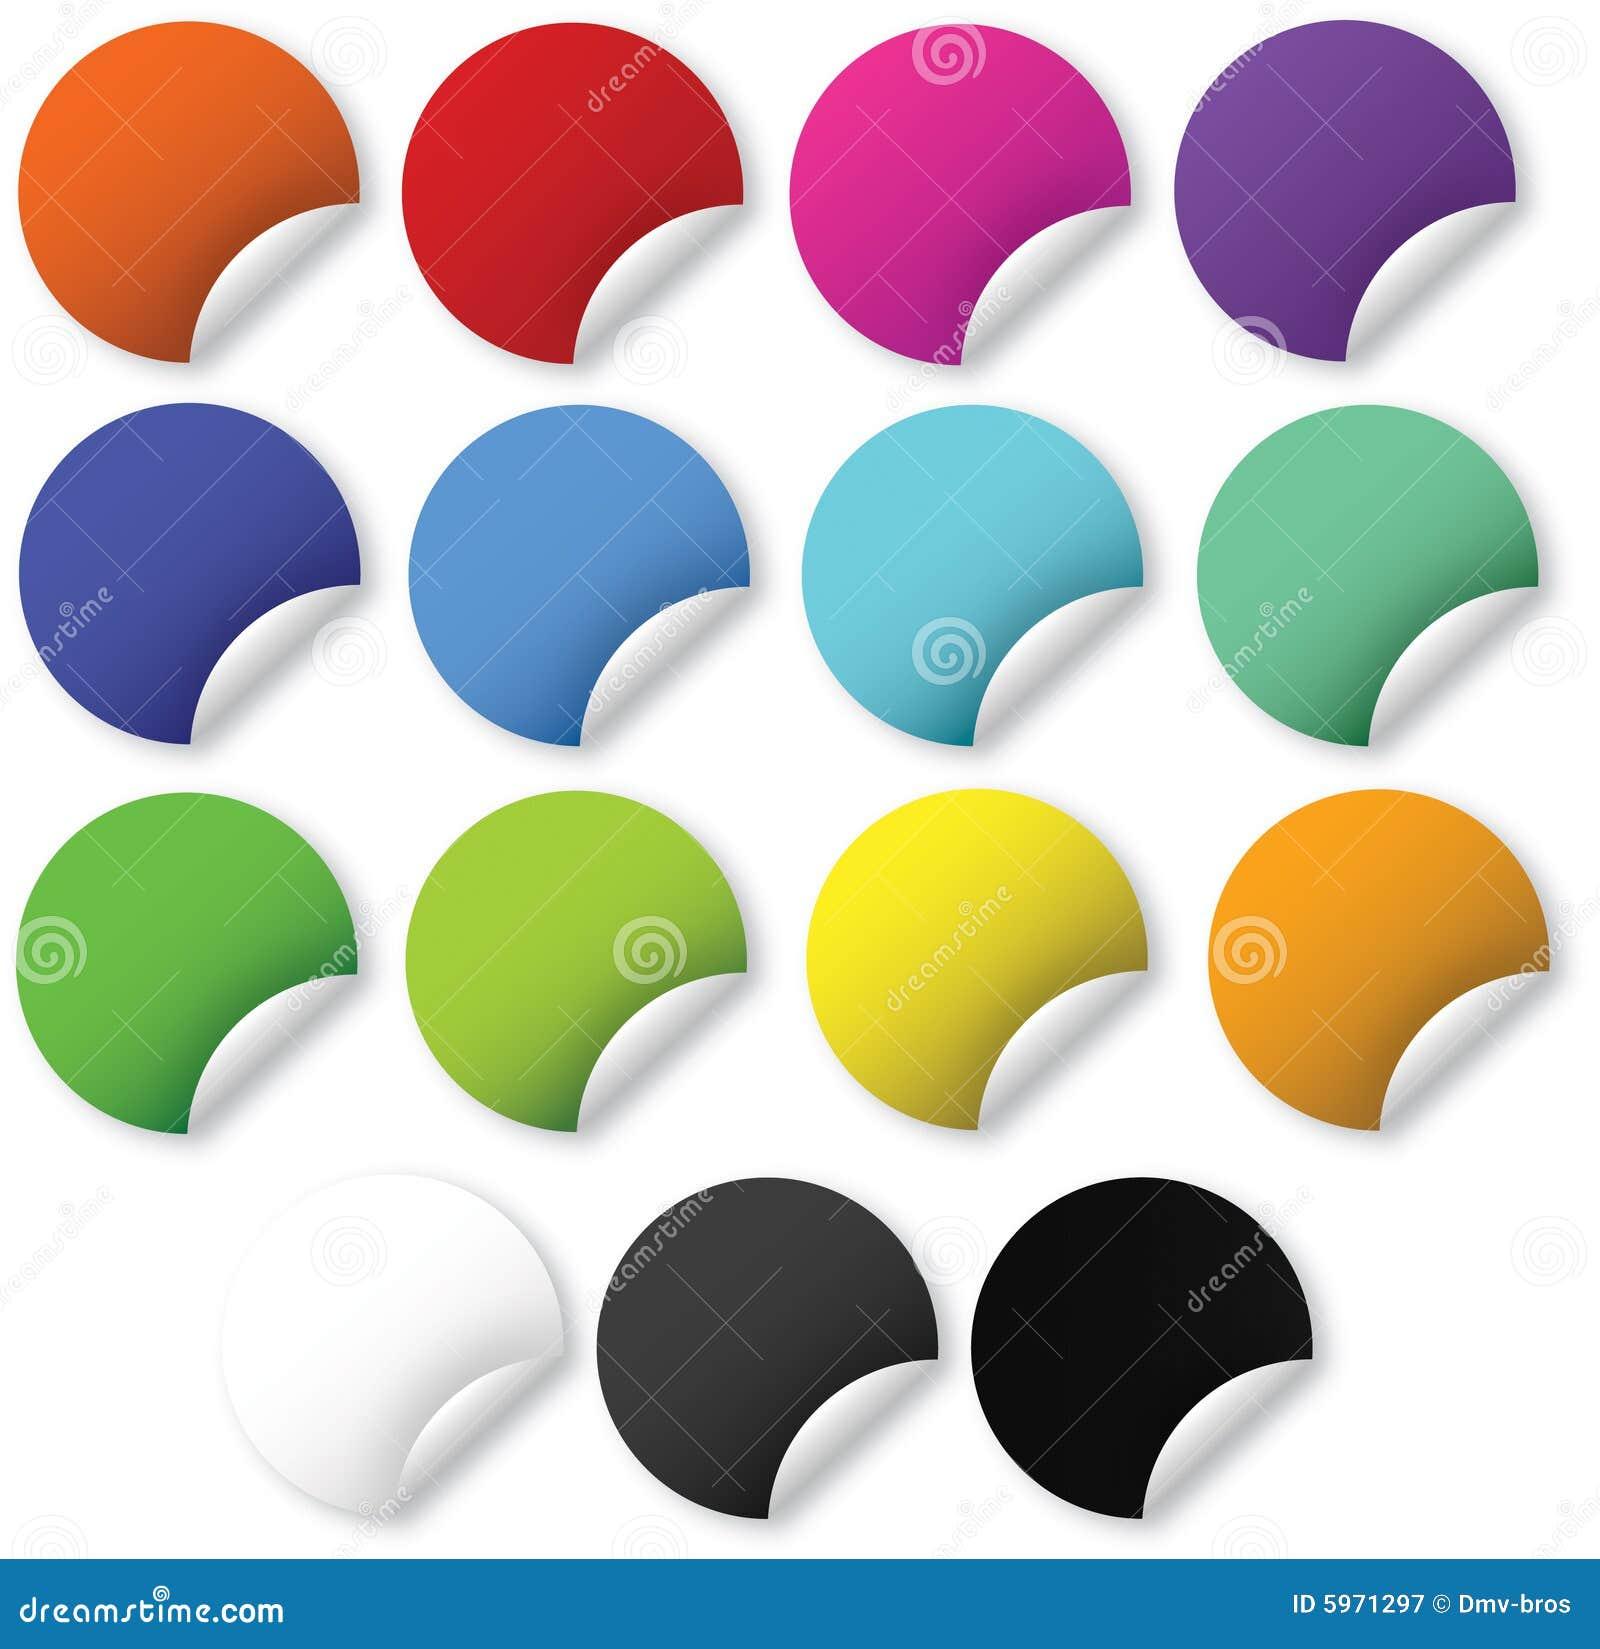 Web 2.0 bright stickers